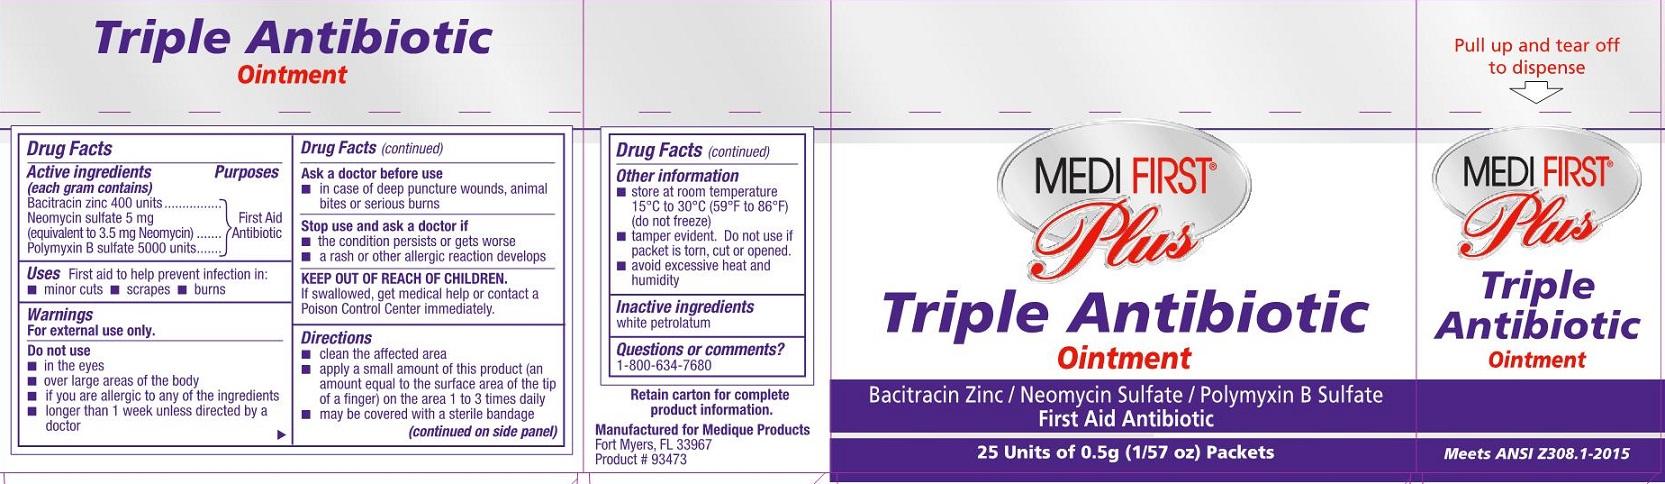 MFP Triple Antibiotic Saftec Label